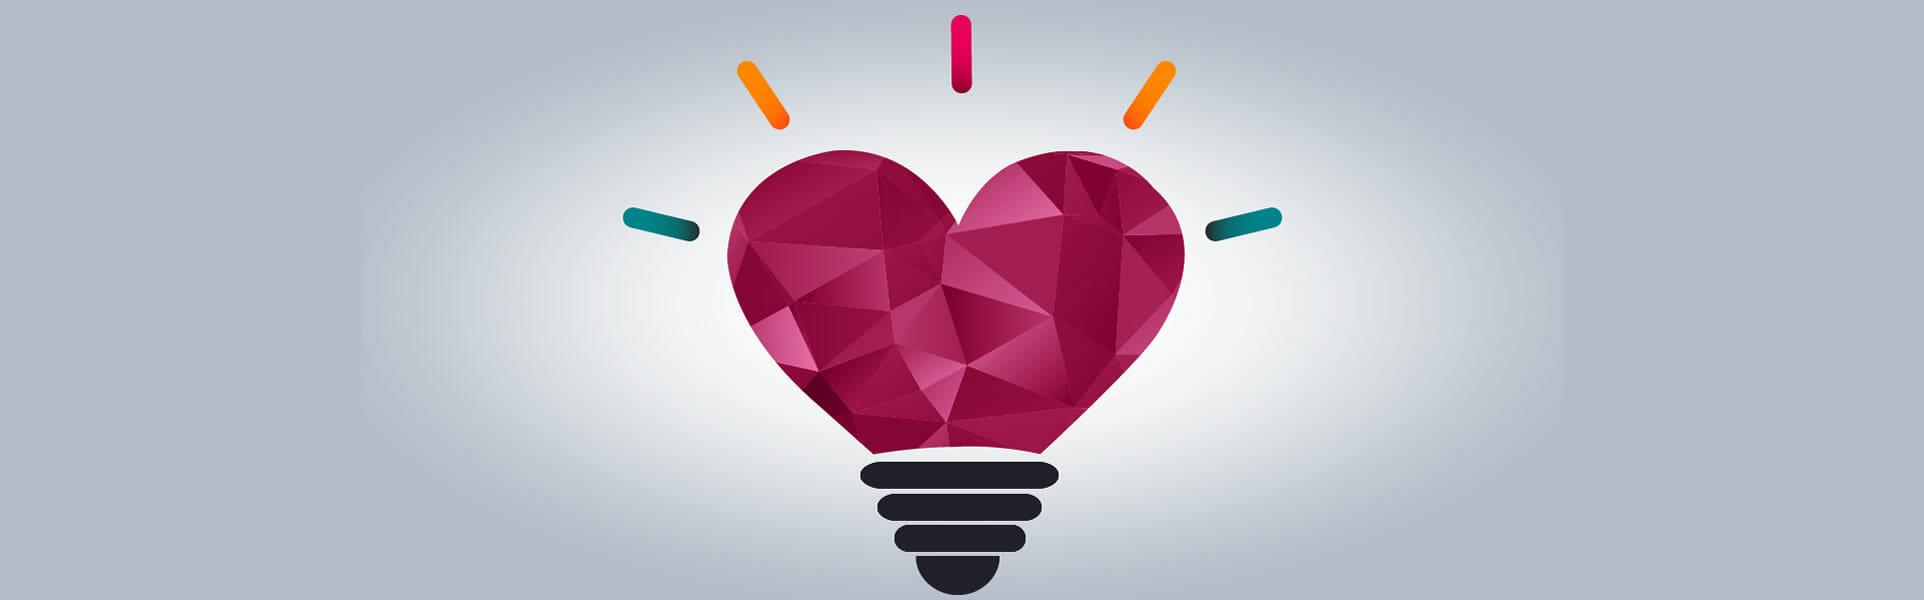 Business impact of emotional intelligence - heart lightbulb artwork